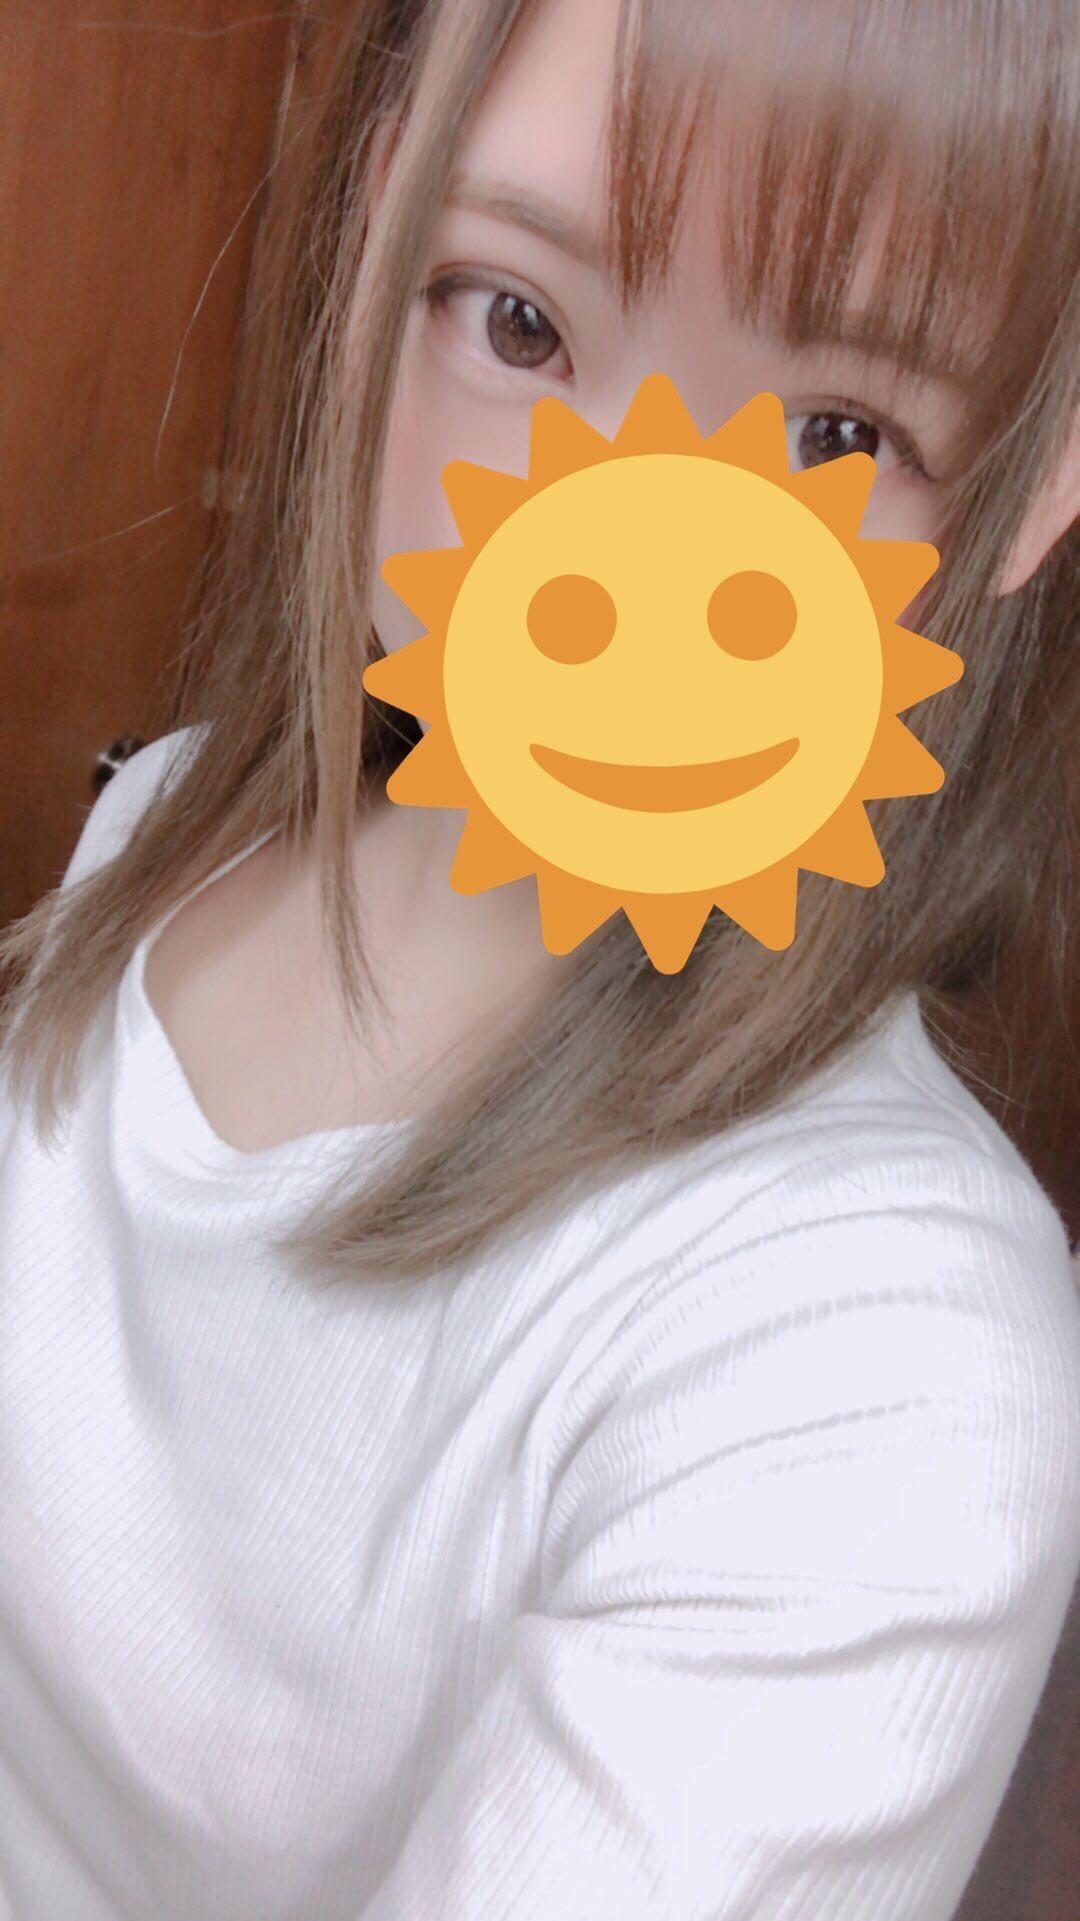 「しゅっきん!」11/02(金) 22:26 | しずくの写メ・風俗動画